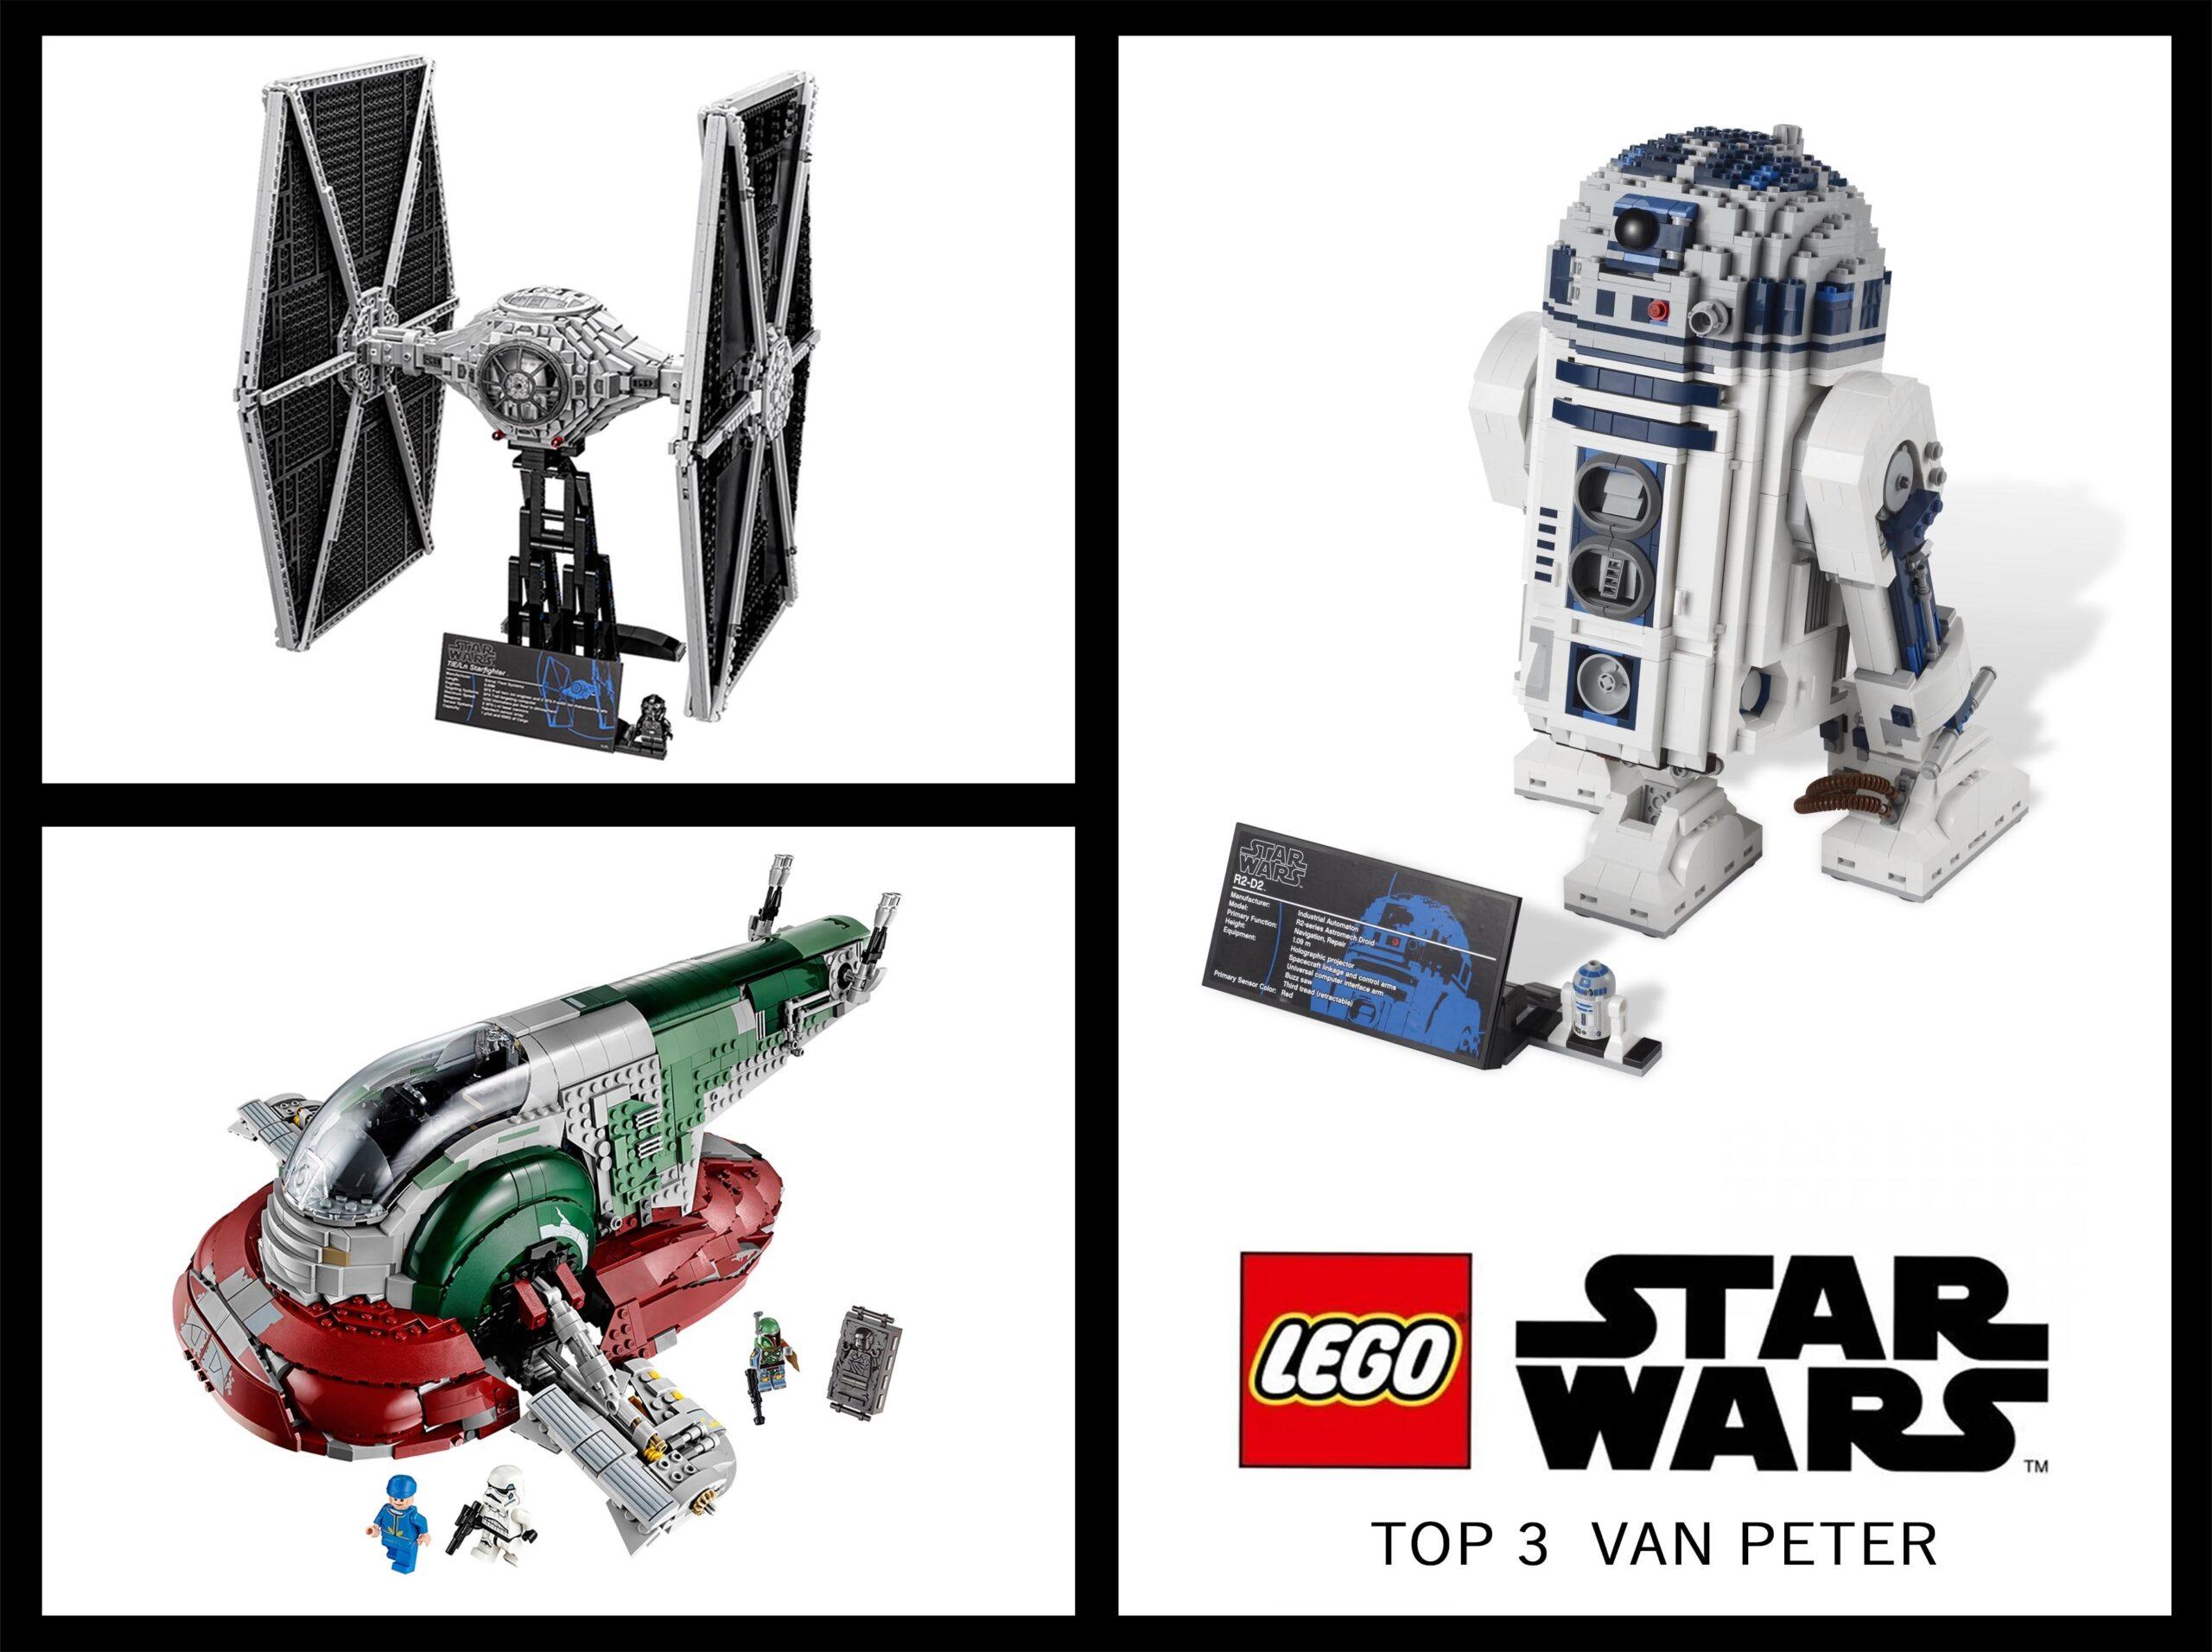 top ucs LEGO